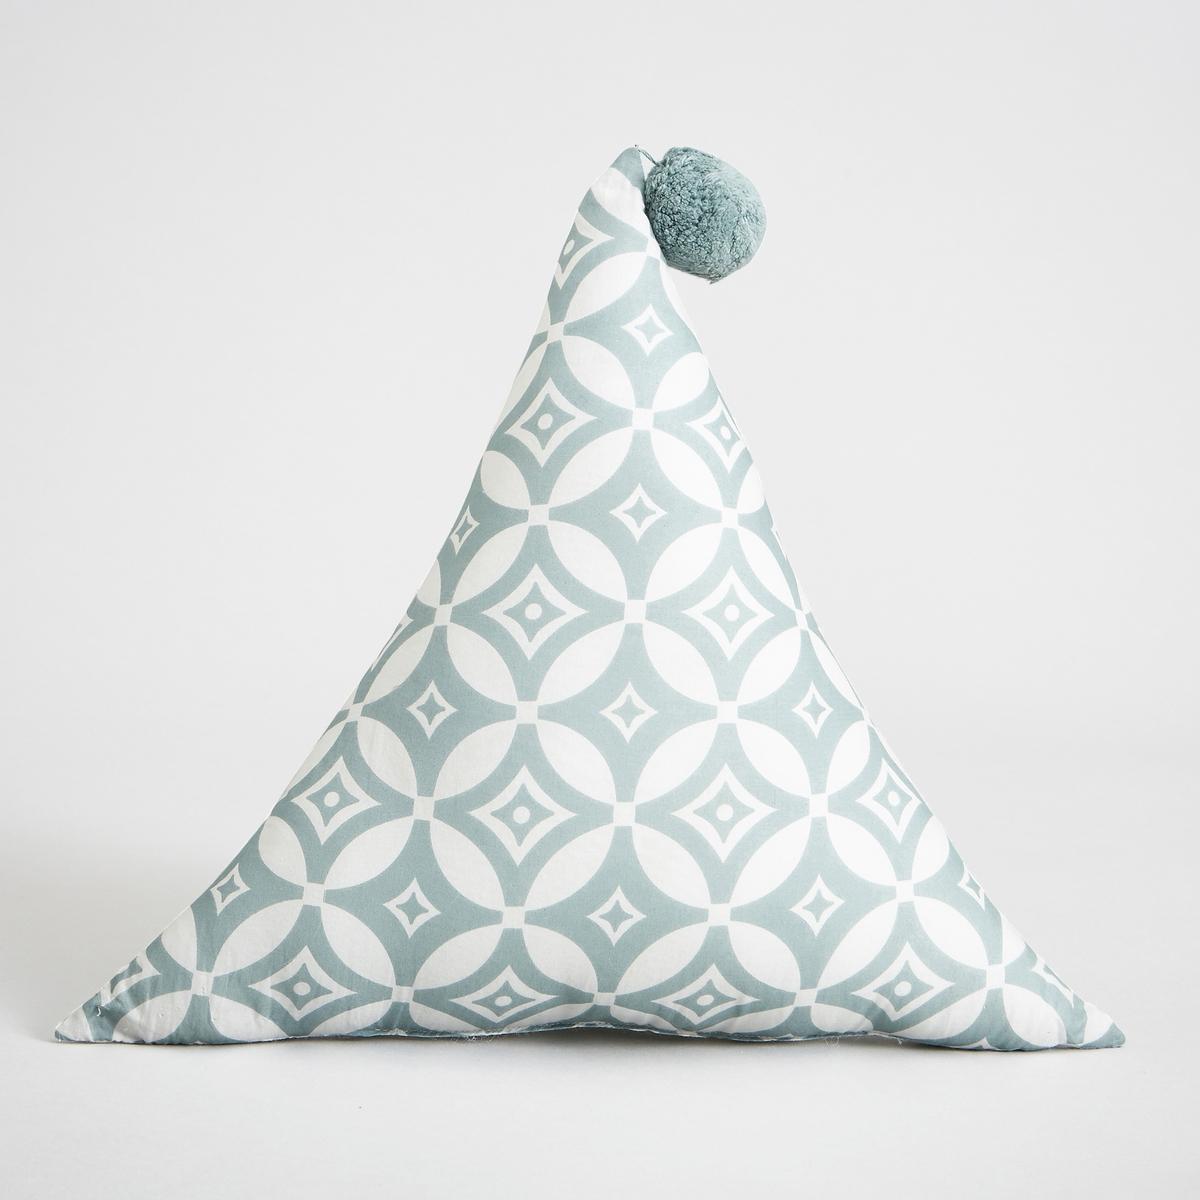 Подушка треугольная, OlayaПодушка Olaya. Треугольная форма, оригинальный помпон, мягкость хлопковой вуали и 3 графичных рисунка украсят кровать вашего ребенка.Характеристики: - Покрытие из 100% хлопковой вуали с рисунком- Наполнитель 100% полиэстер- Машинная стирка при 40 °C.Размеры  :- Ш.40 x В.40 x Г.40 см<br><br>Цвет: зеленый,розовый<br>Размер: единый размер.единый размер